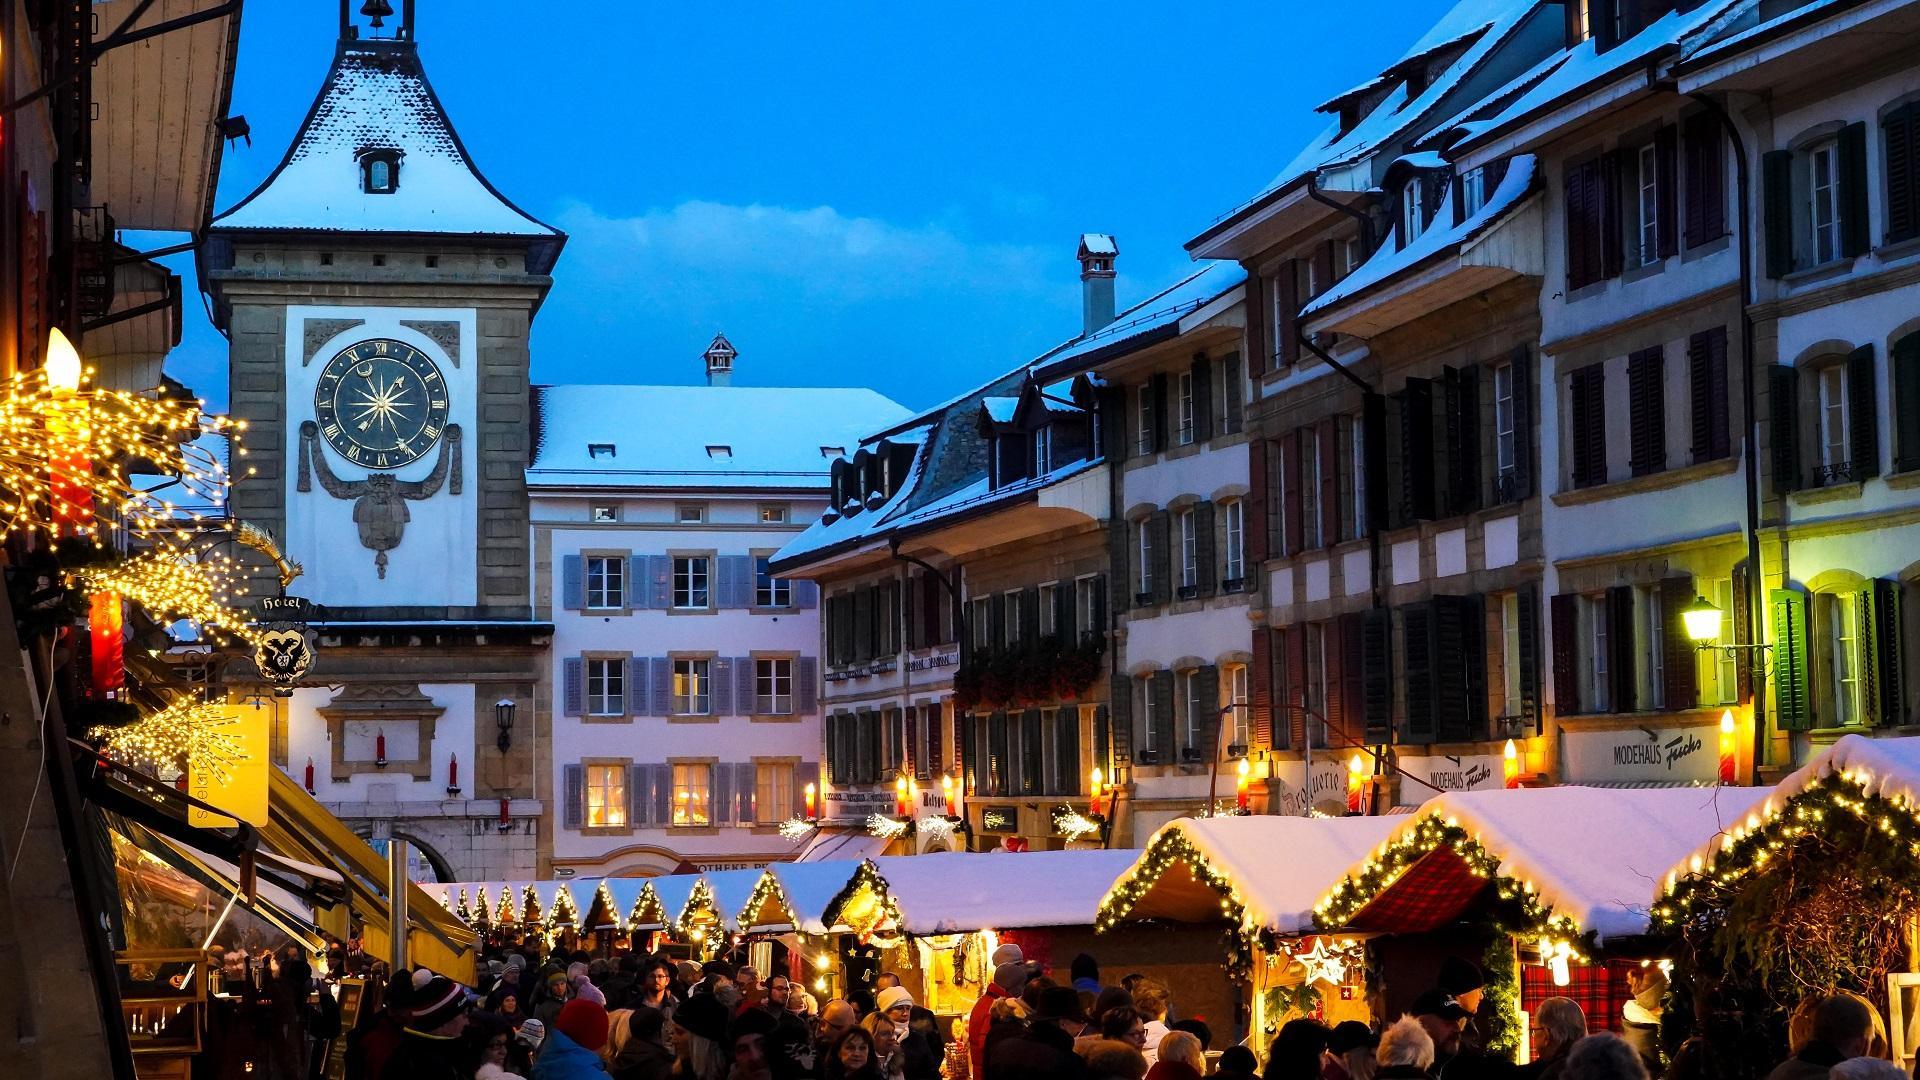 Bilder Weihnachtsmarkt.Murtner Weihnachtsmarkt